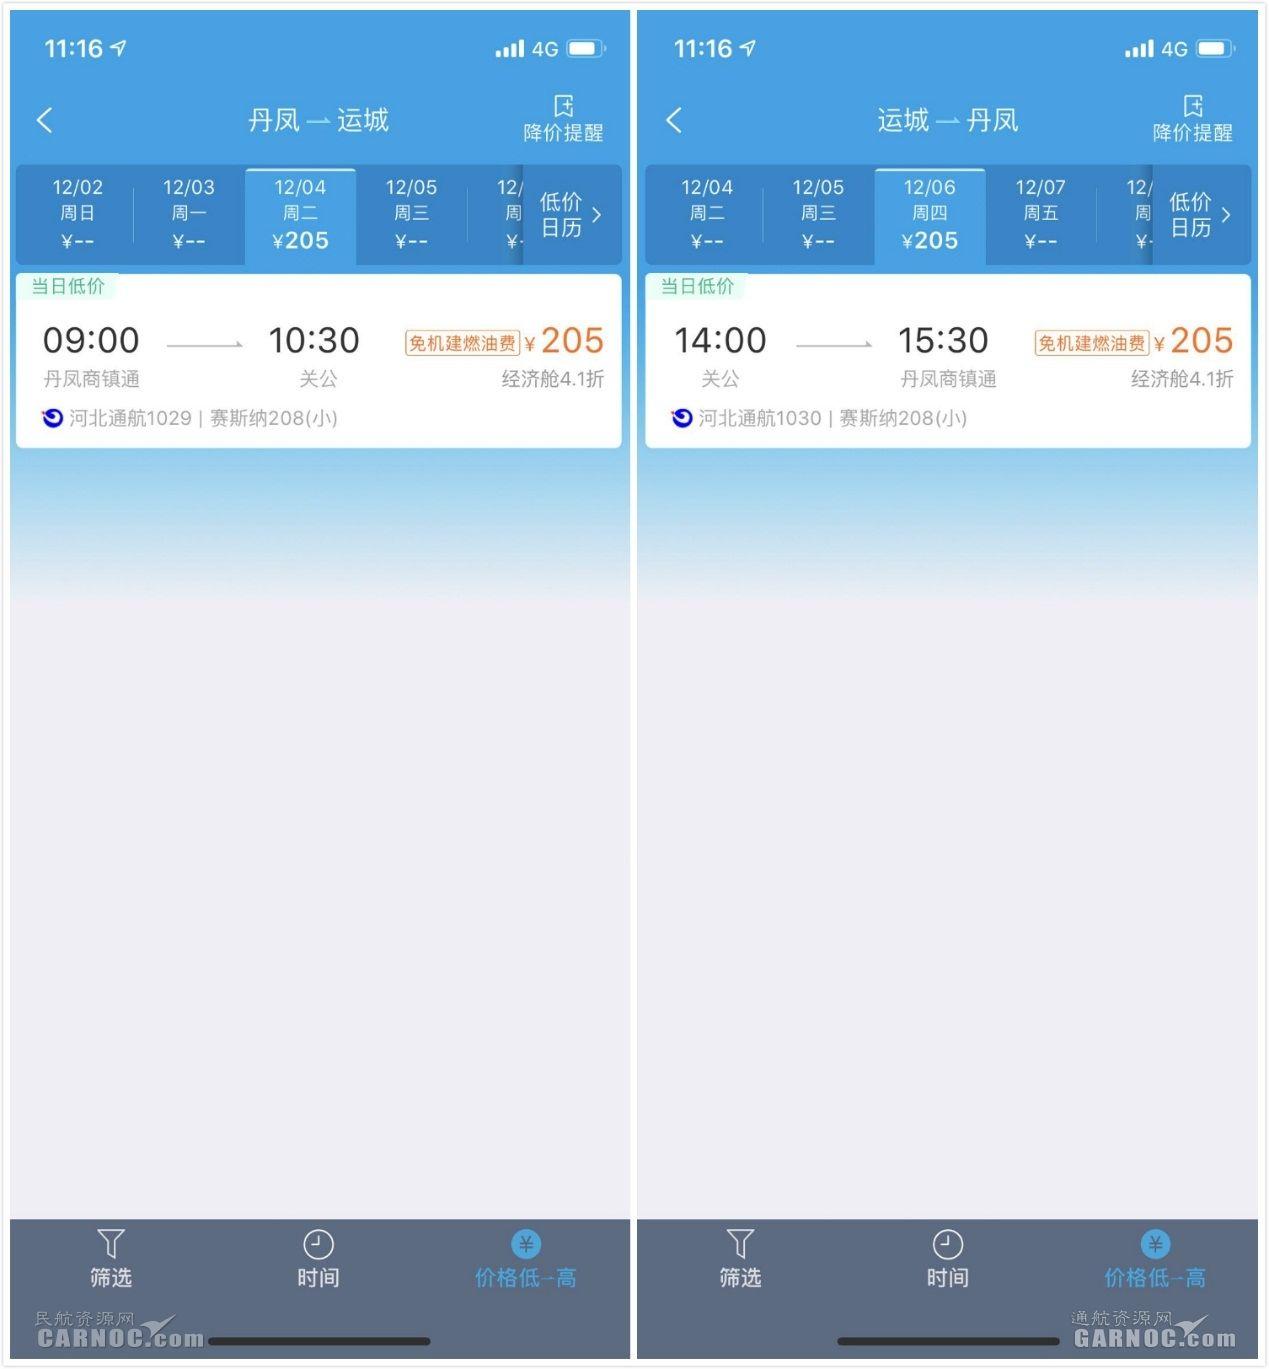 携程上线运城-丹凤短途运输航线 在售航线达36条